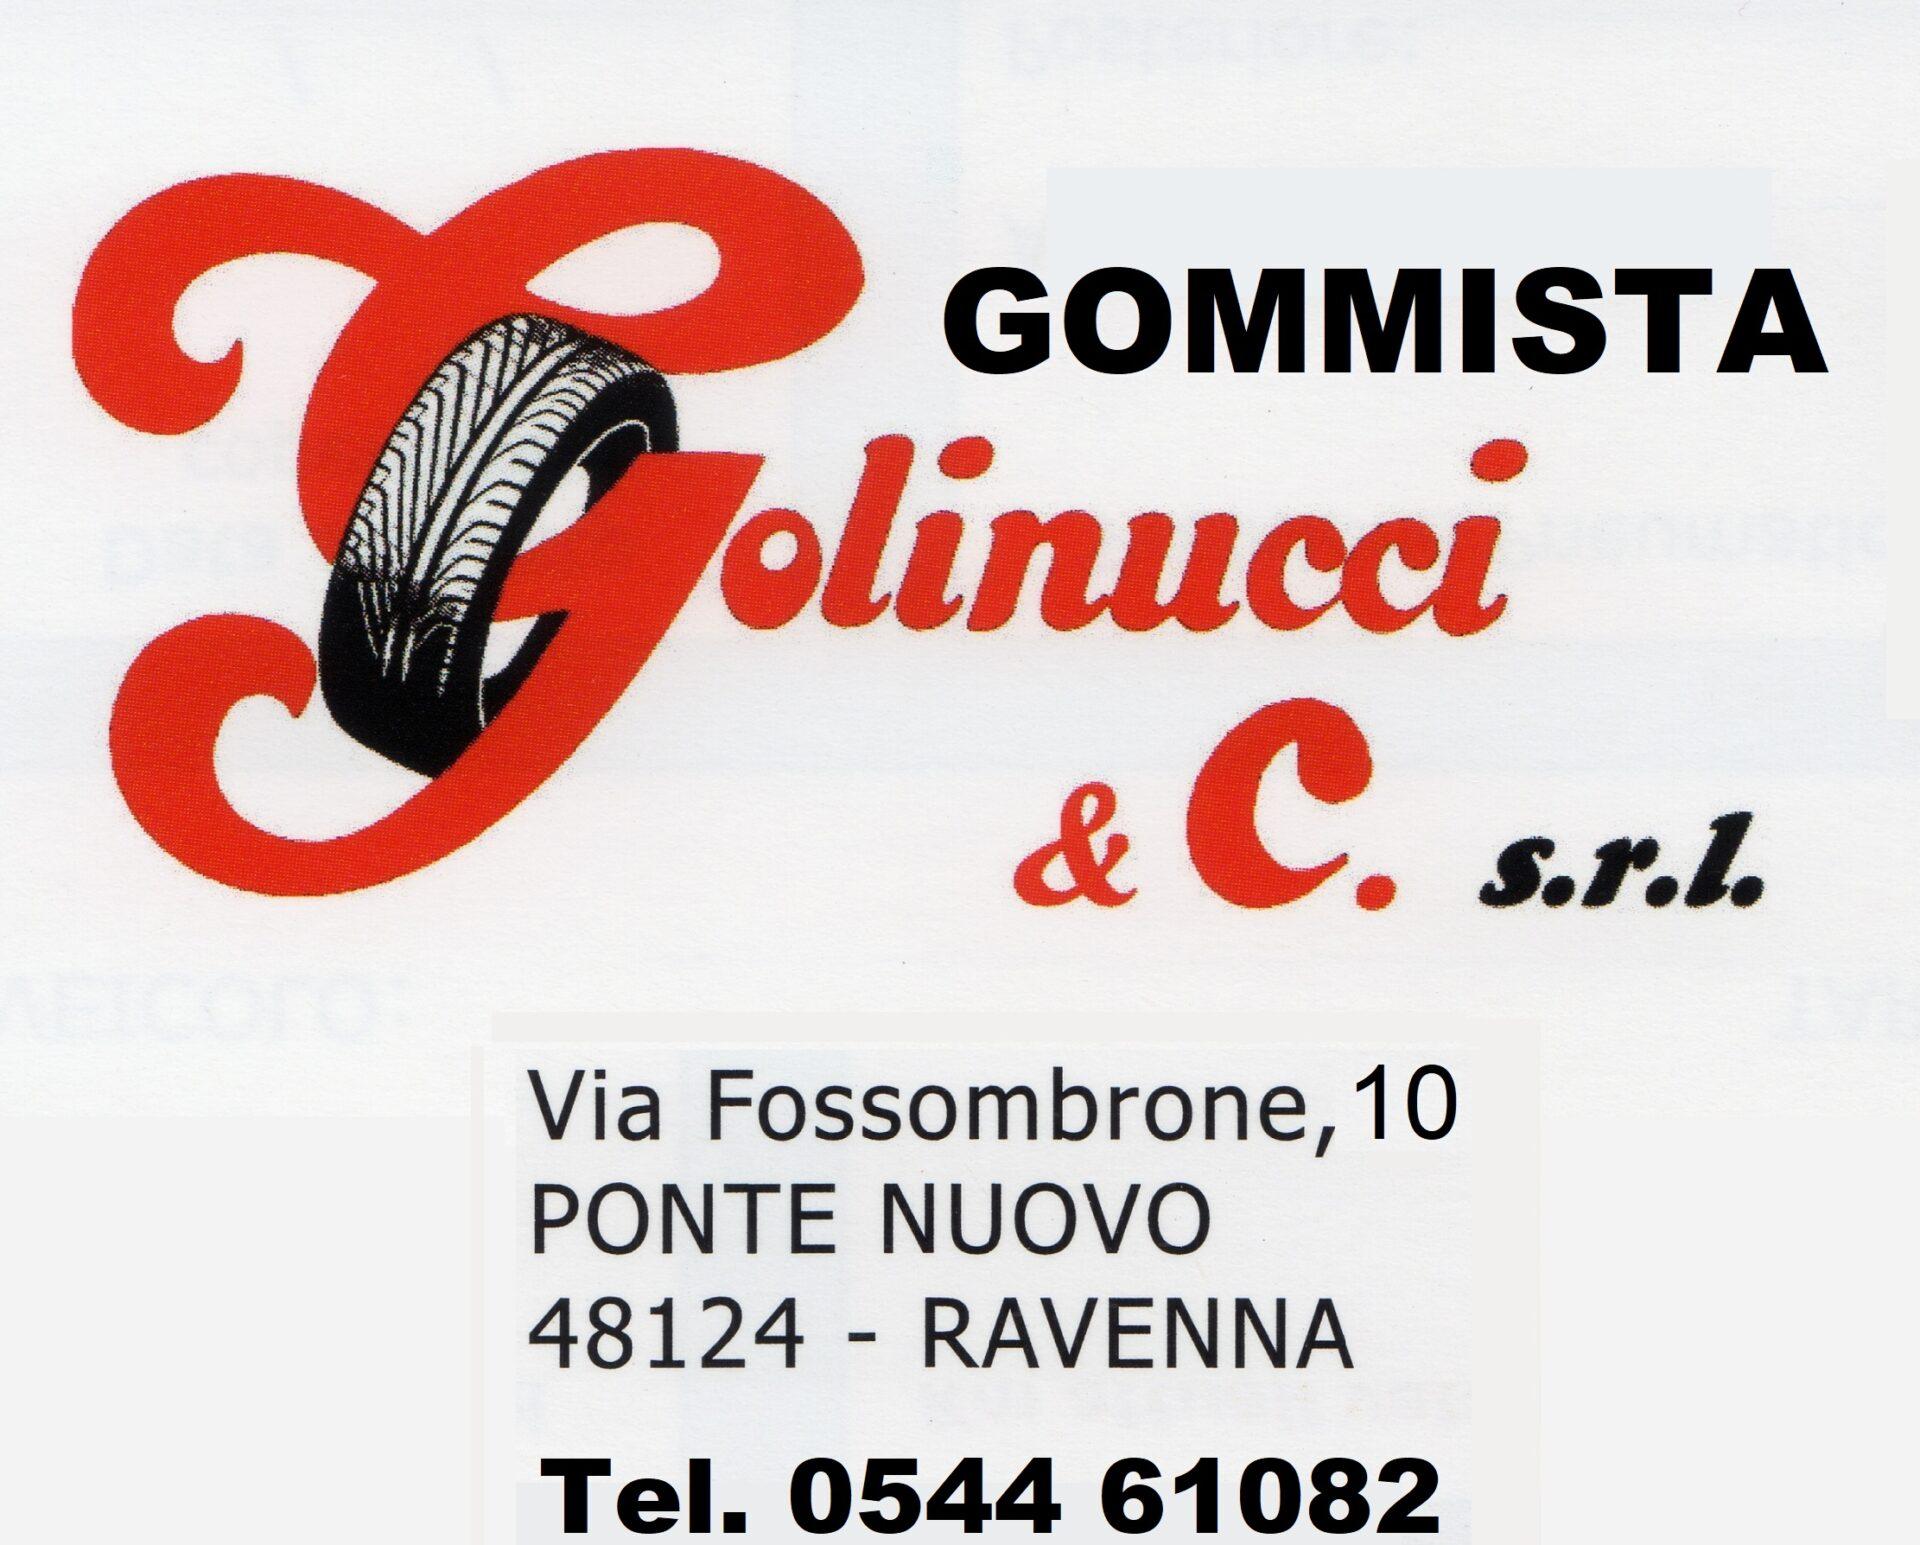 GOLINUCCI